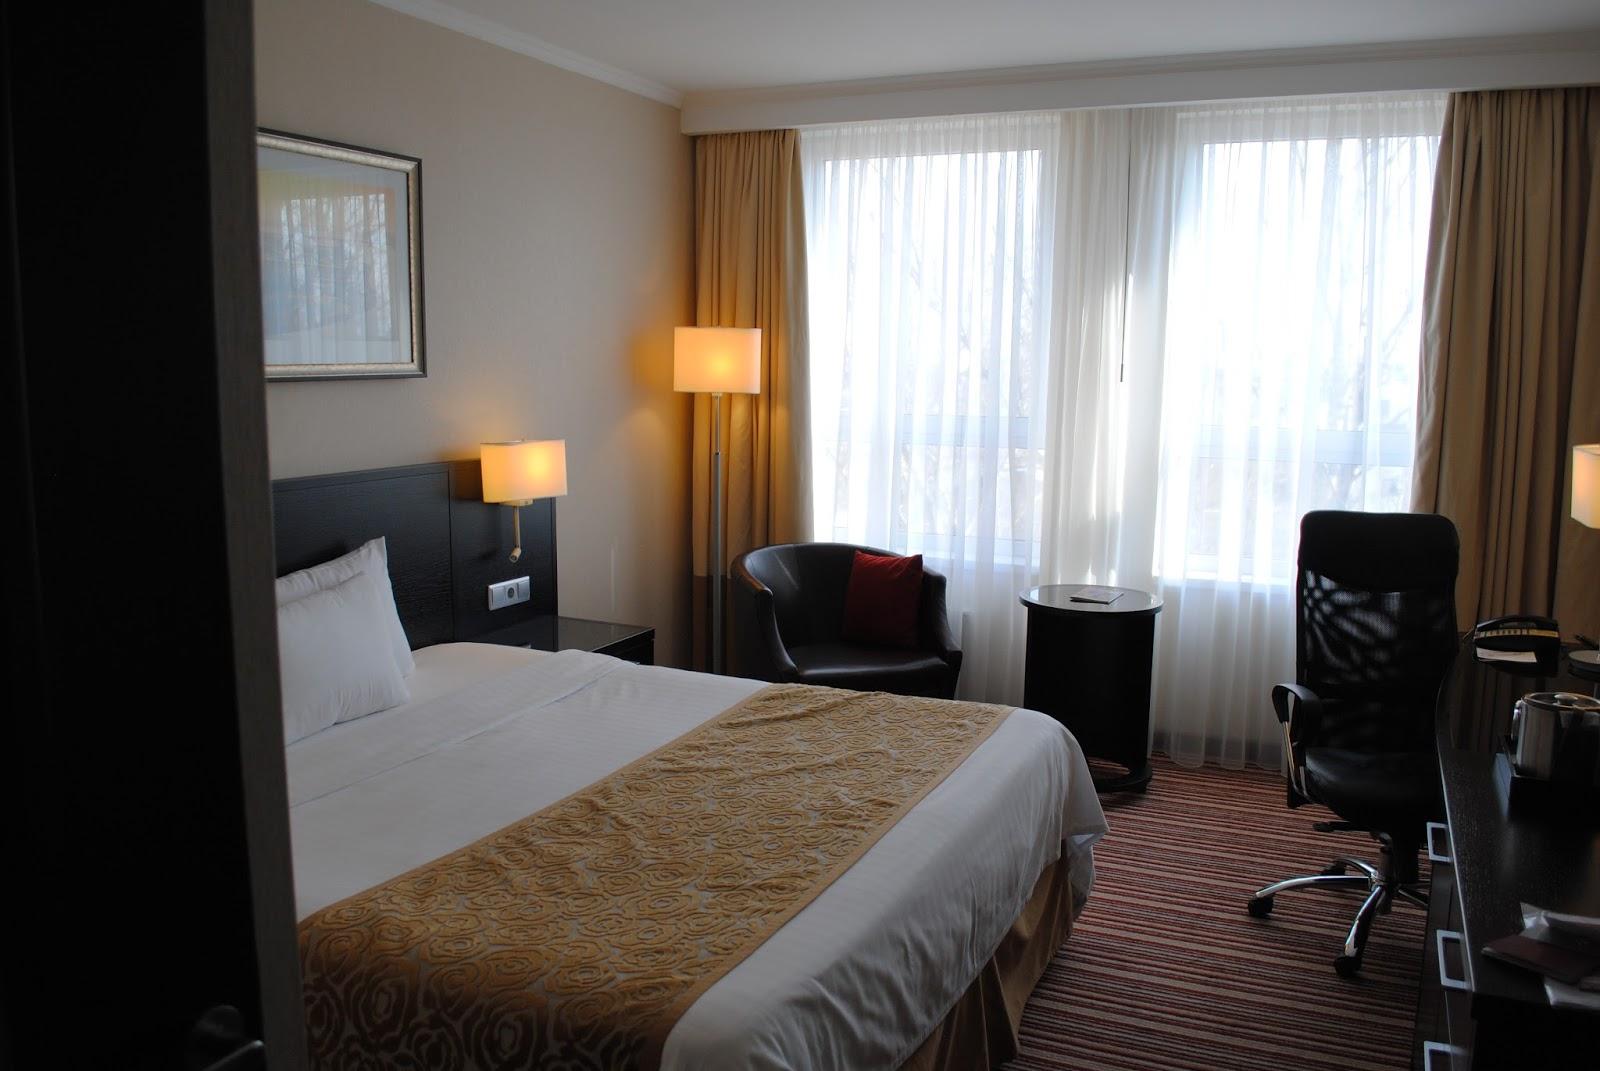 De lo bueno lo mejor hotel courtyard st petersburgo - Calentar una habitacion ...